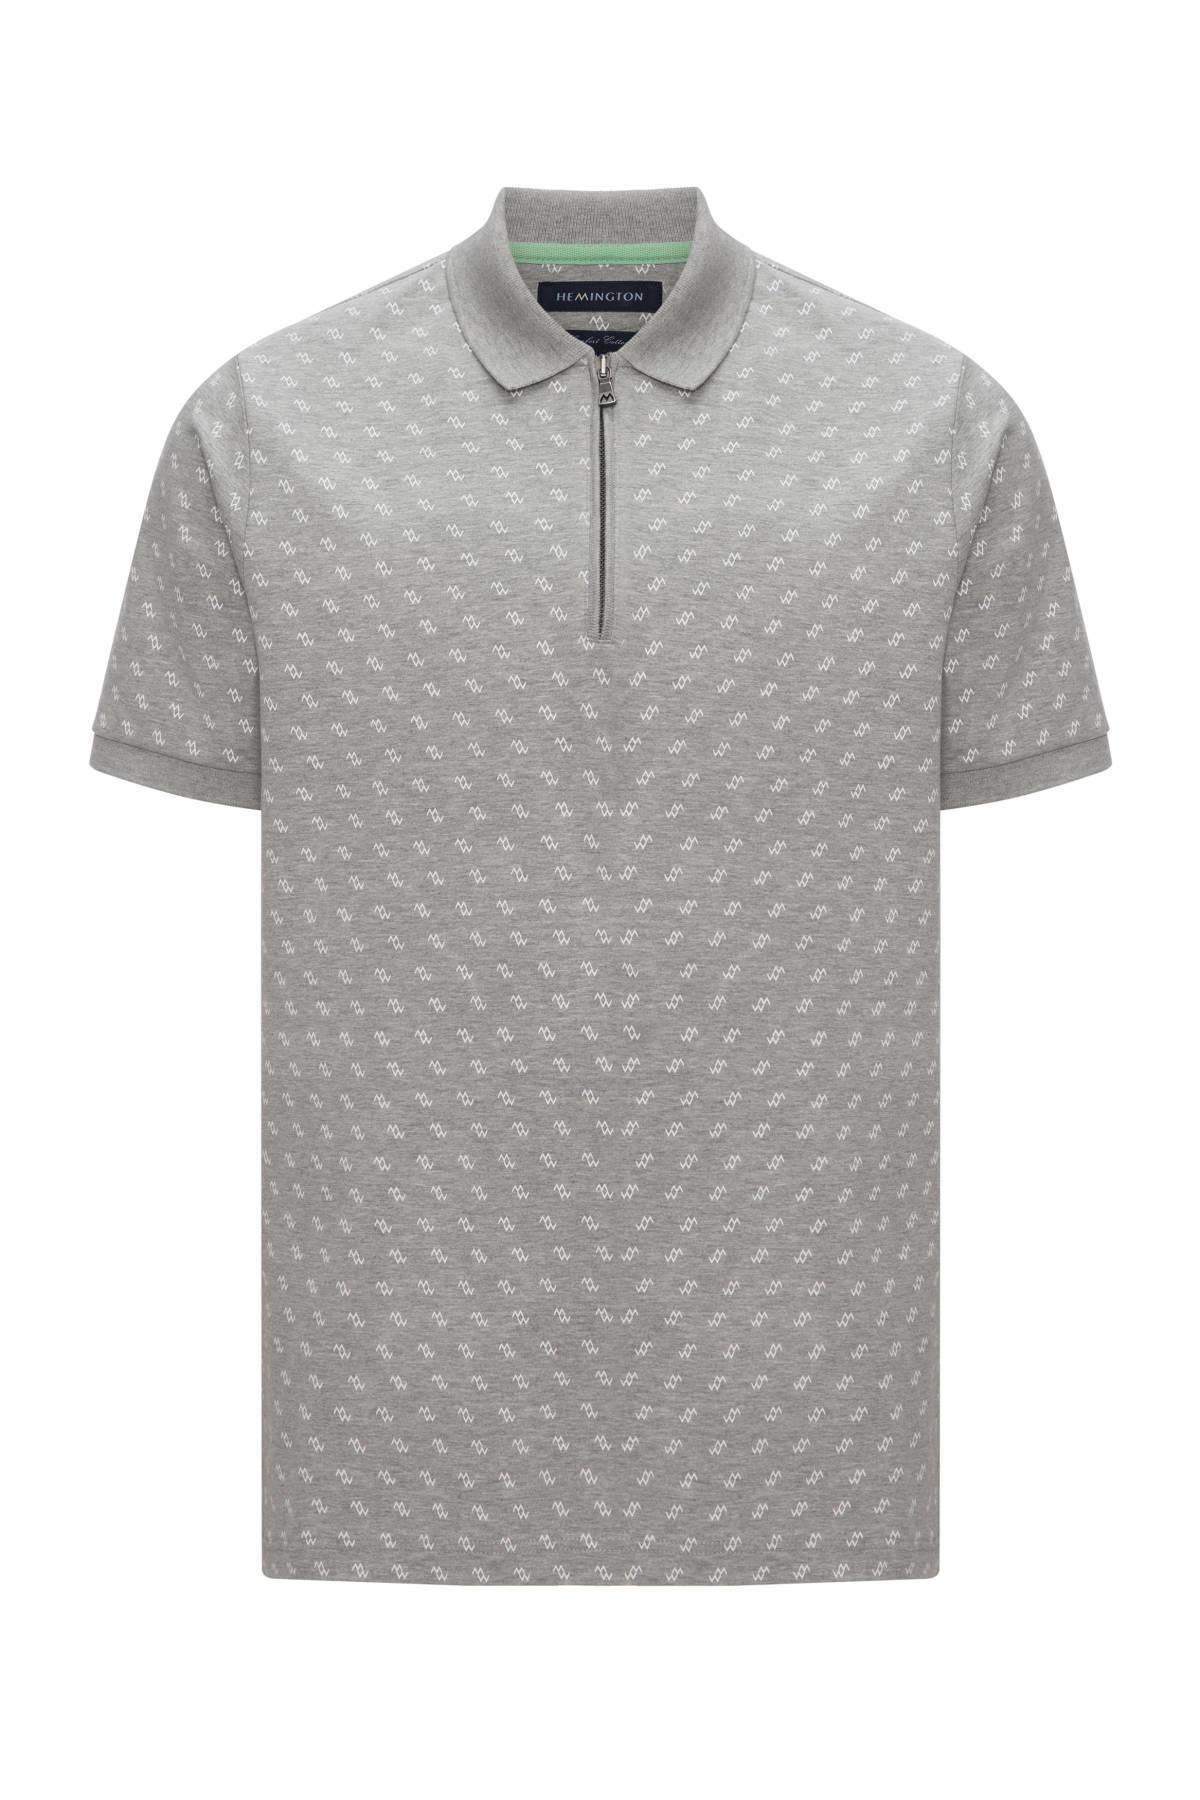 Fermuarlı Gri Baskılı Polo Yaka T-Shirt